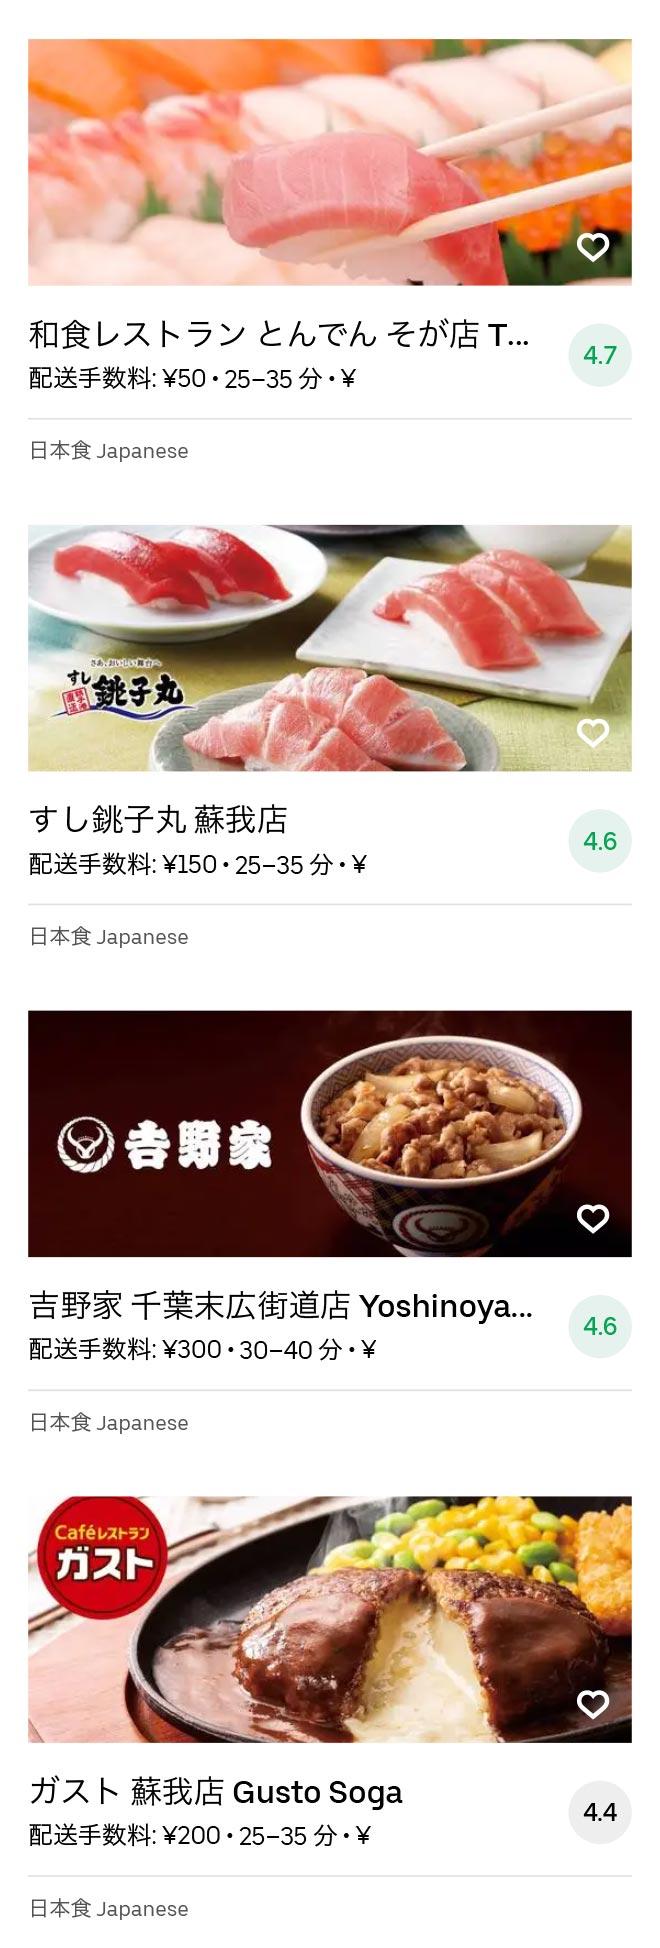 Soga menu 2010 10